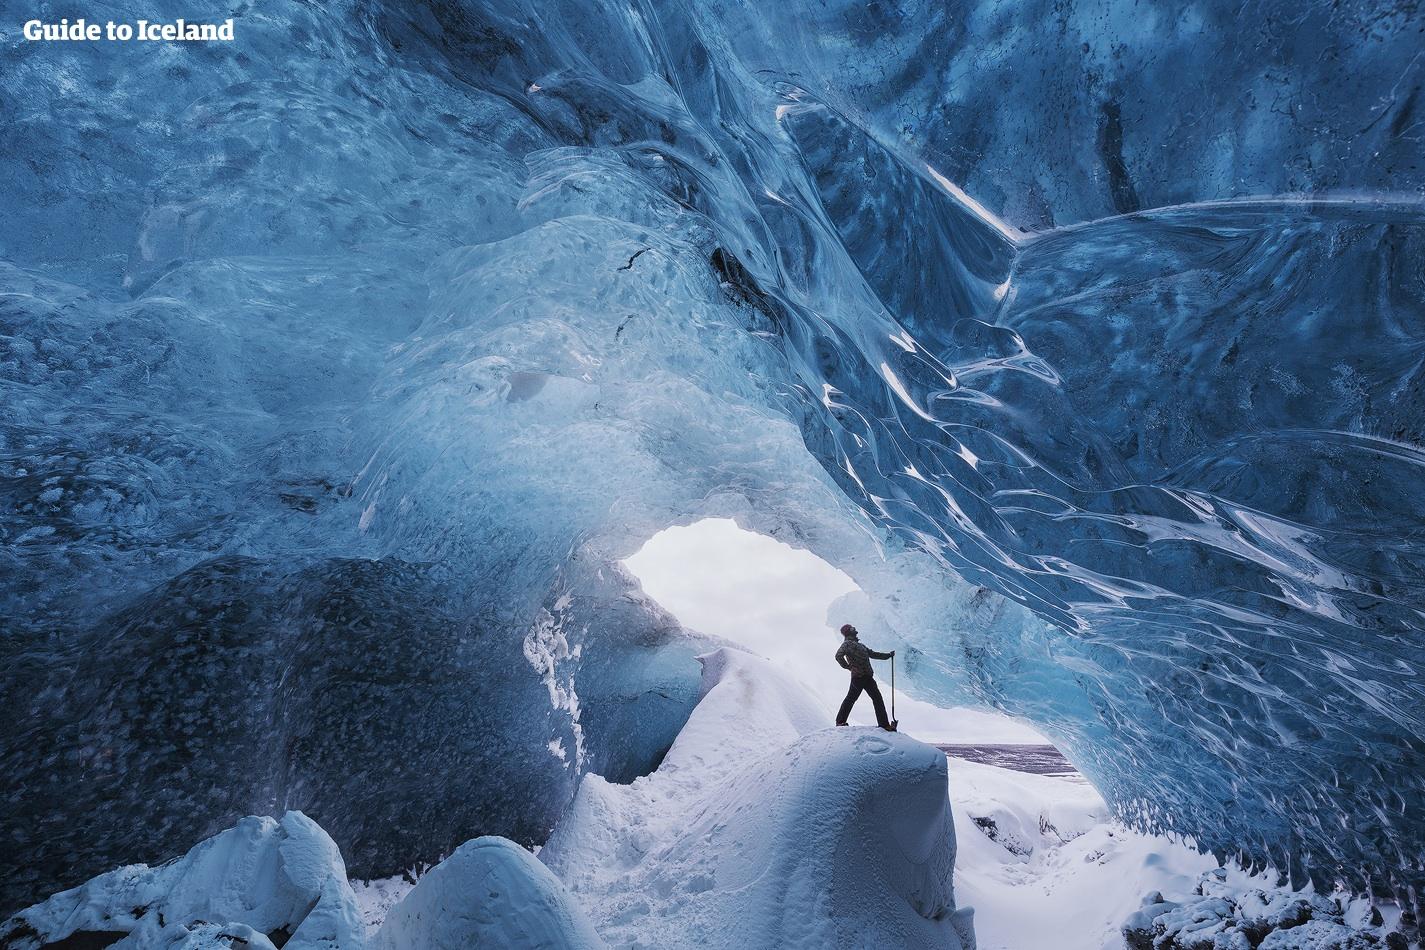 Hjelme og klatrejern er påkrævet til vandring i isgrotten, så vær iført tynde huer og praktiske vandresko.